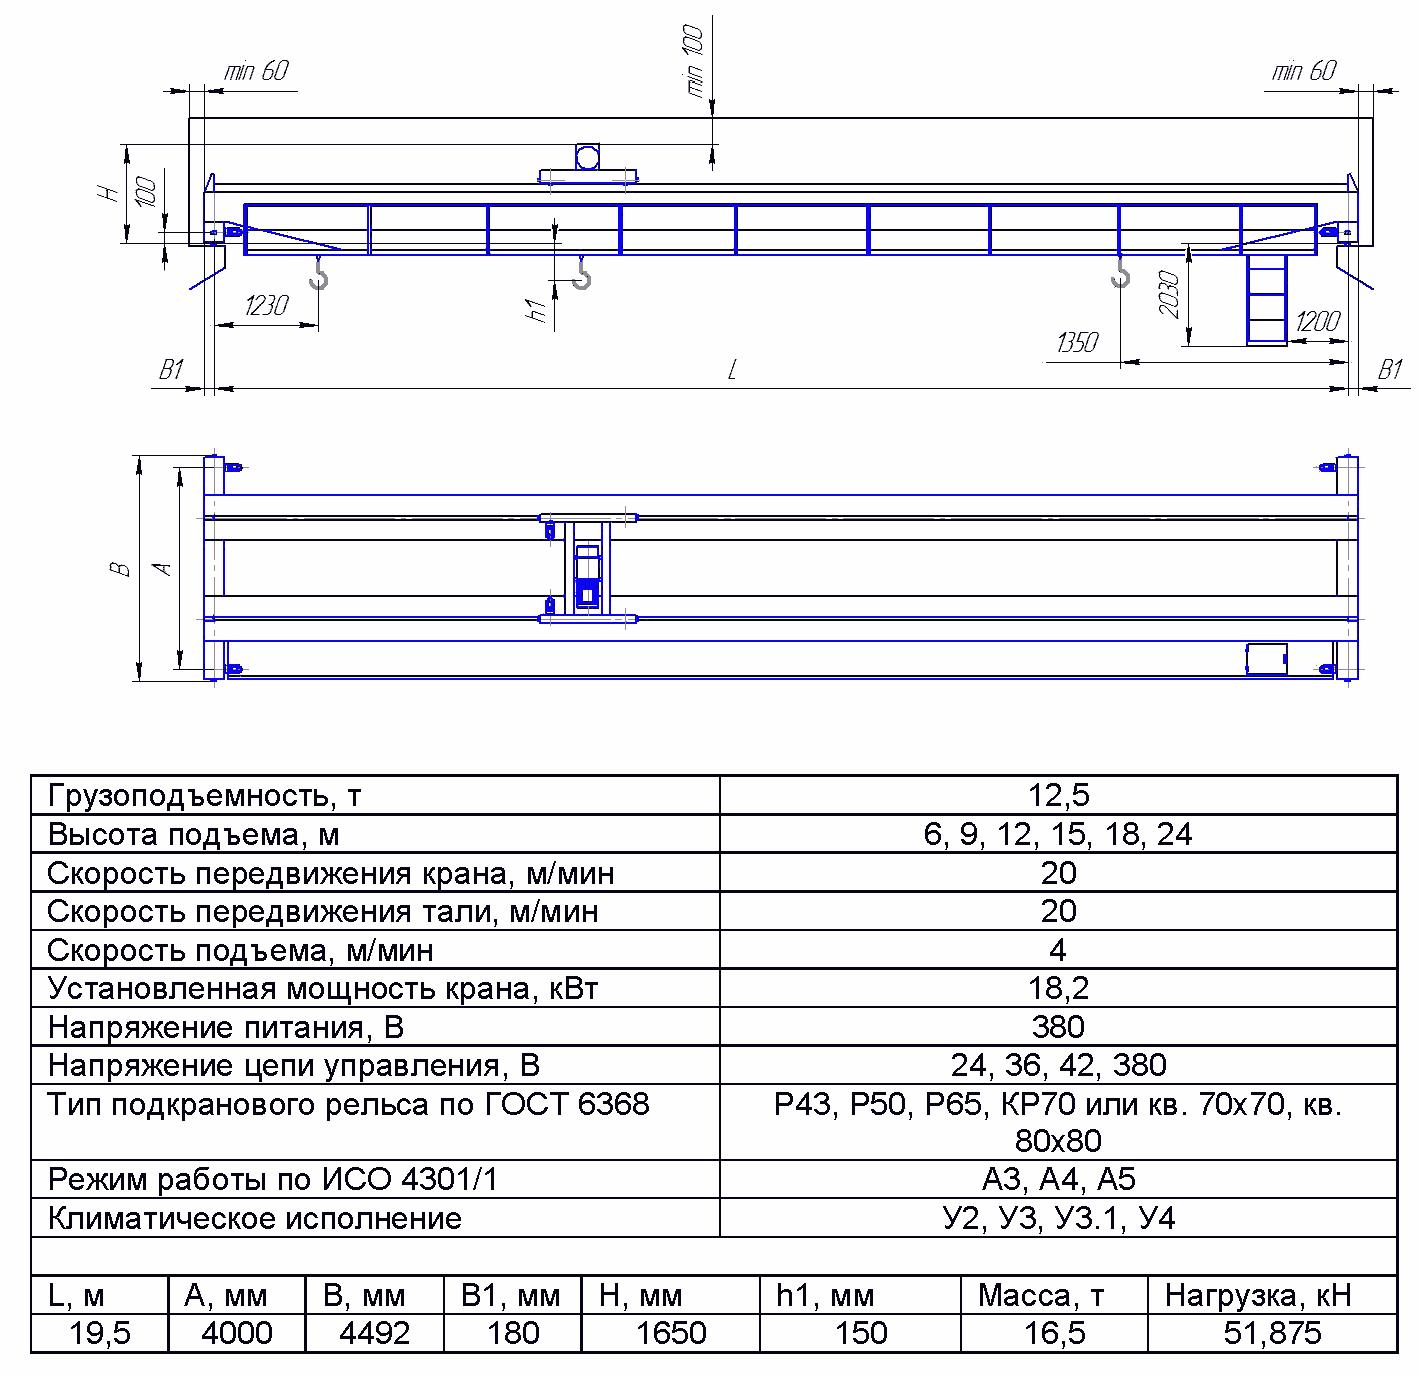 KMON 3 4 - Опорный мостовой кран общего назначения